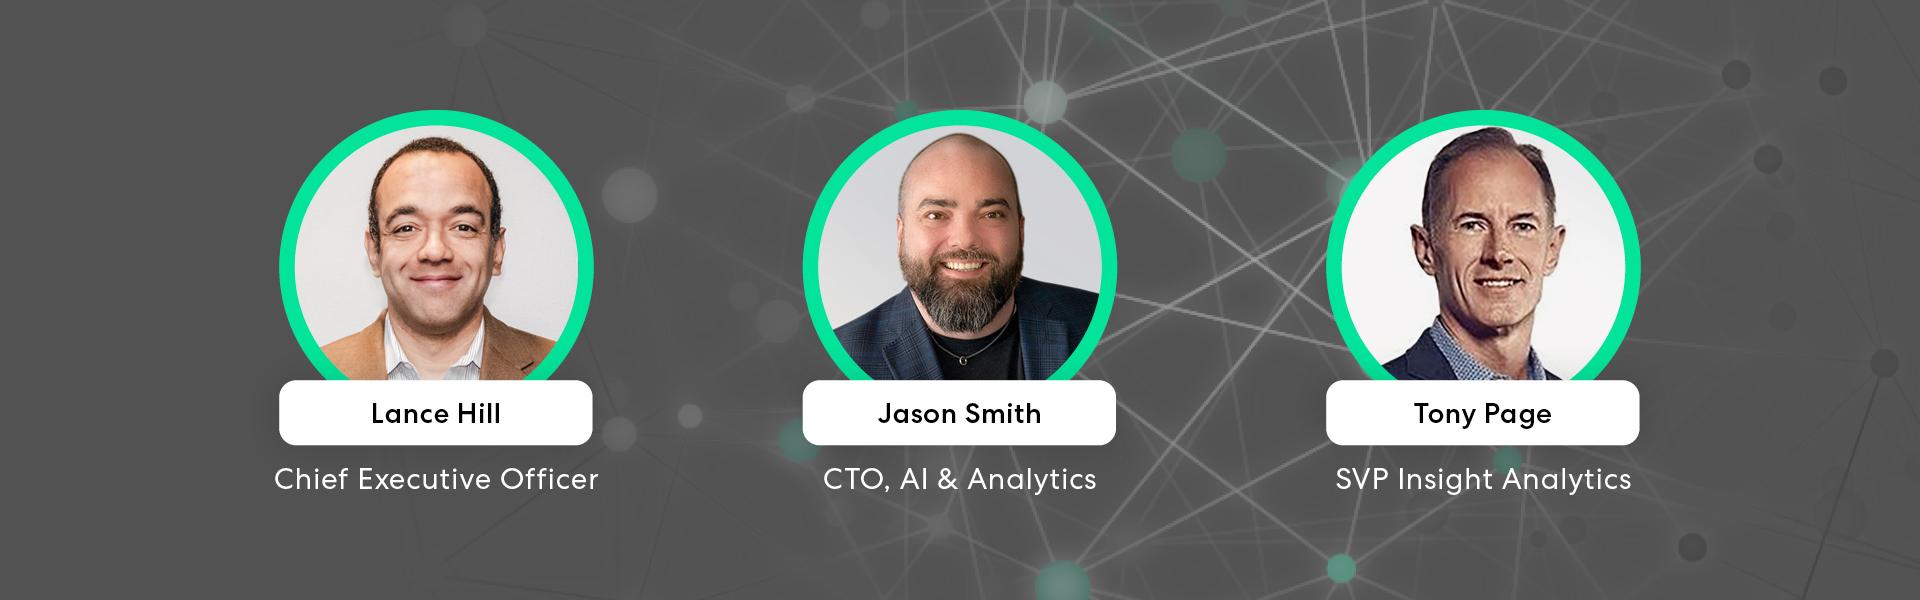 A photo of Lance Hill, Chief Executive Officer, Jason Smith, CTO, AI & Analytics, and Tony Page, SVP Insight Analytics